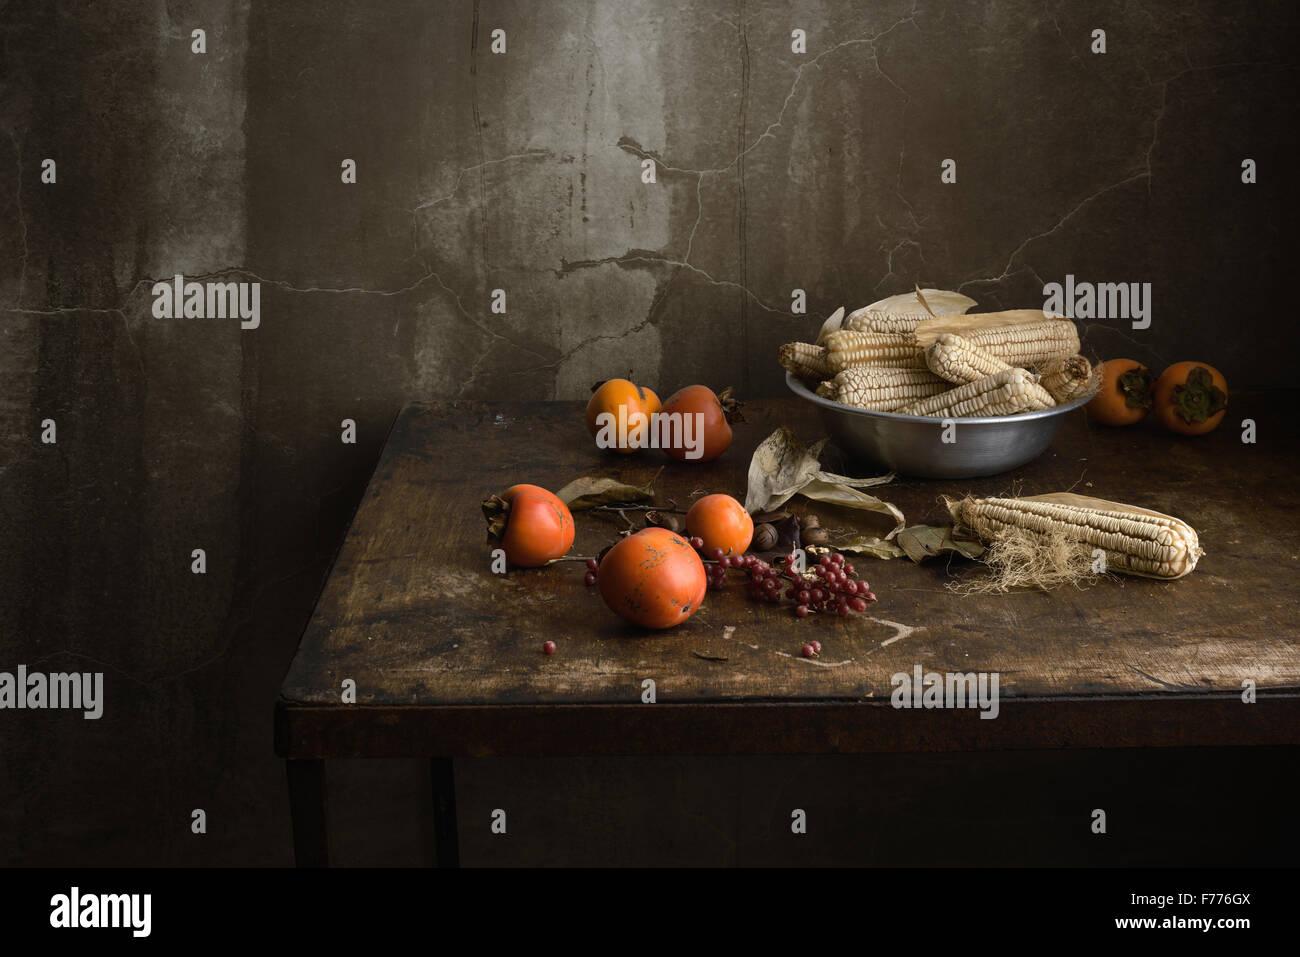 Bodegón con frutas y maíz en un tazón de aluminio sobre una vieja tabla de madera Imagen De Stock